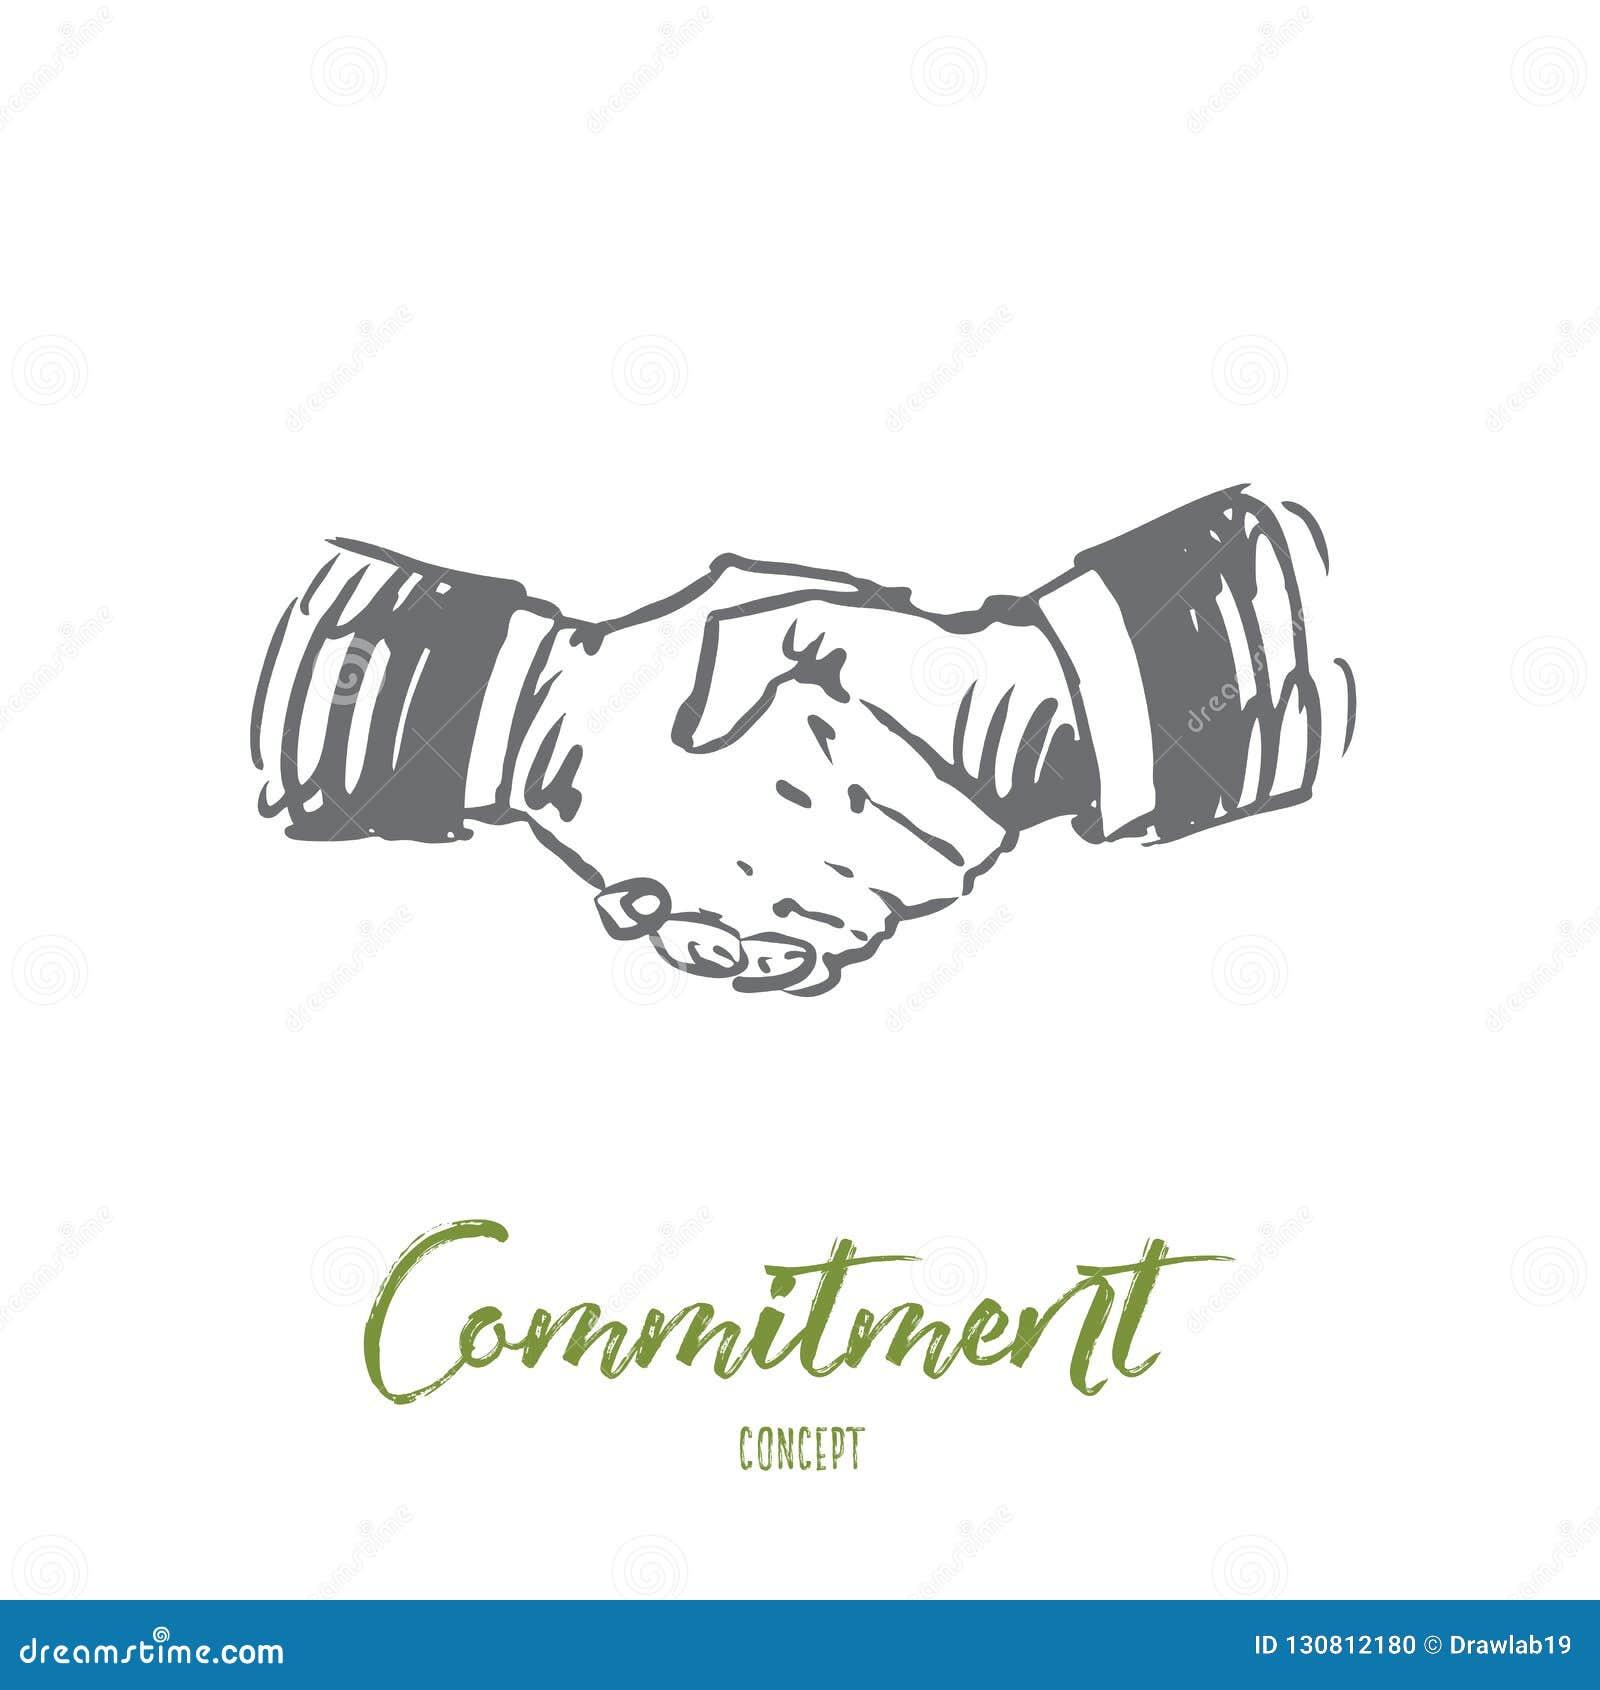 Verplichting, hand, overeenkomst, zaken, vennootschapconcept Hand getrokken geïsoleerde vector